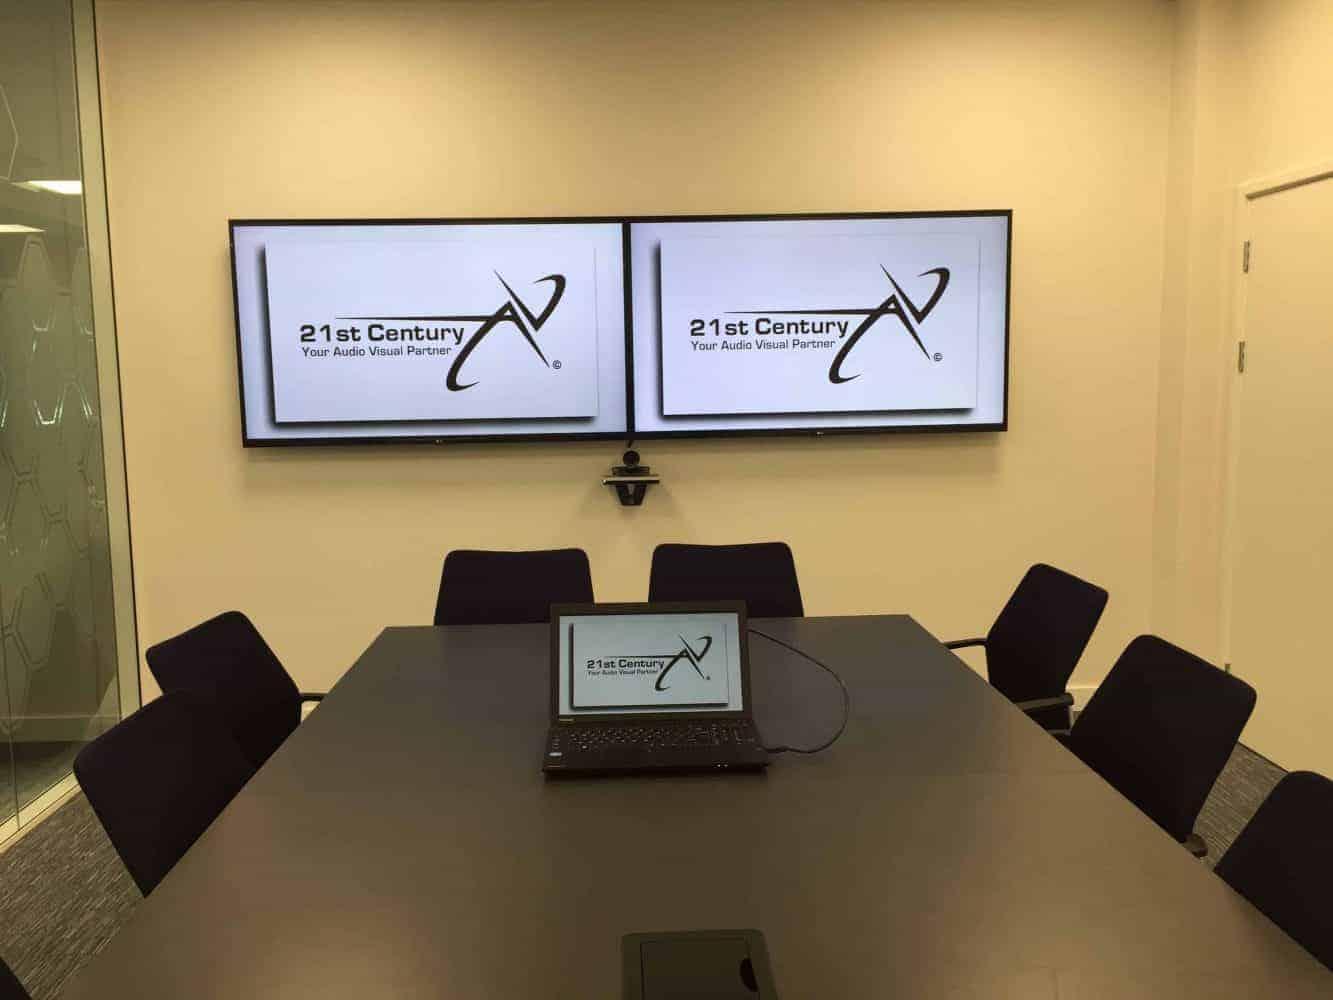 AV Project Management by London AV Installers